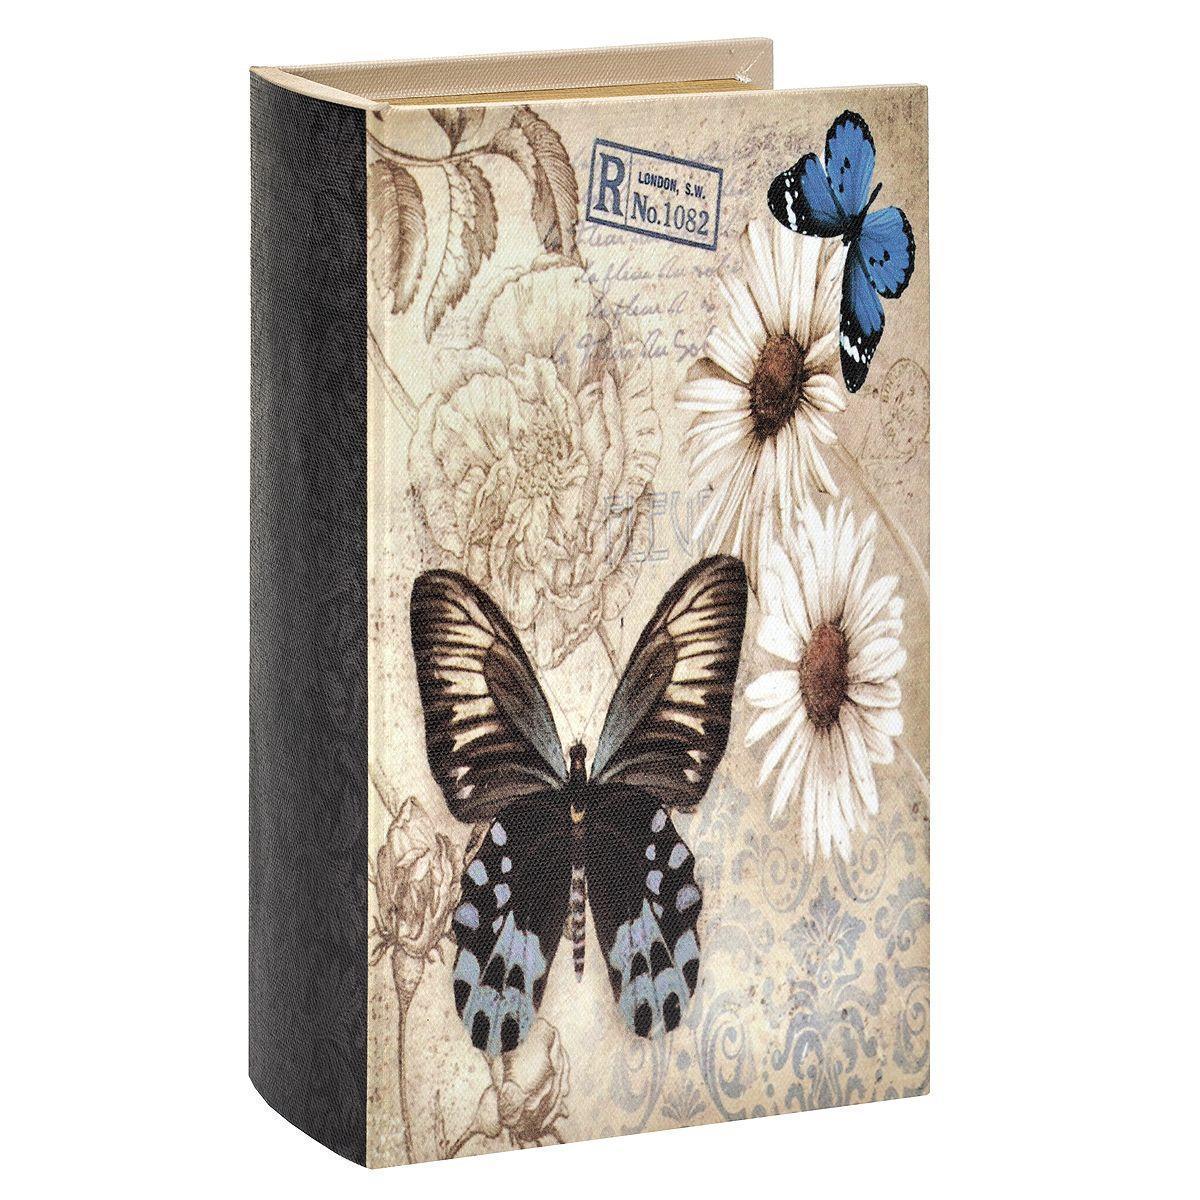 Декоративная шкатулка Книга. 7701690-12400604596424Декоративная шкатулка, выполненная из МДФ с отделкой из текстиля и оформлена оригинальным изображением цветов и бабочек. Внутри - отделка из текстиля коричневого цвета. Такая шкатулка может использоваться для хранения бижутерии, в качестве украшения интерьера, а также послужит хорошим подарком для человека, ценящего практичные и оригинальные вещи.